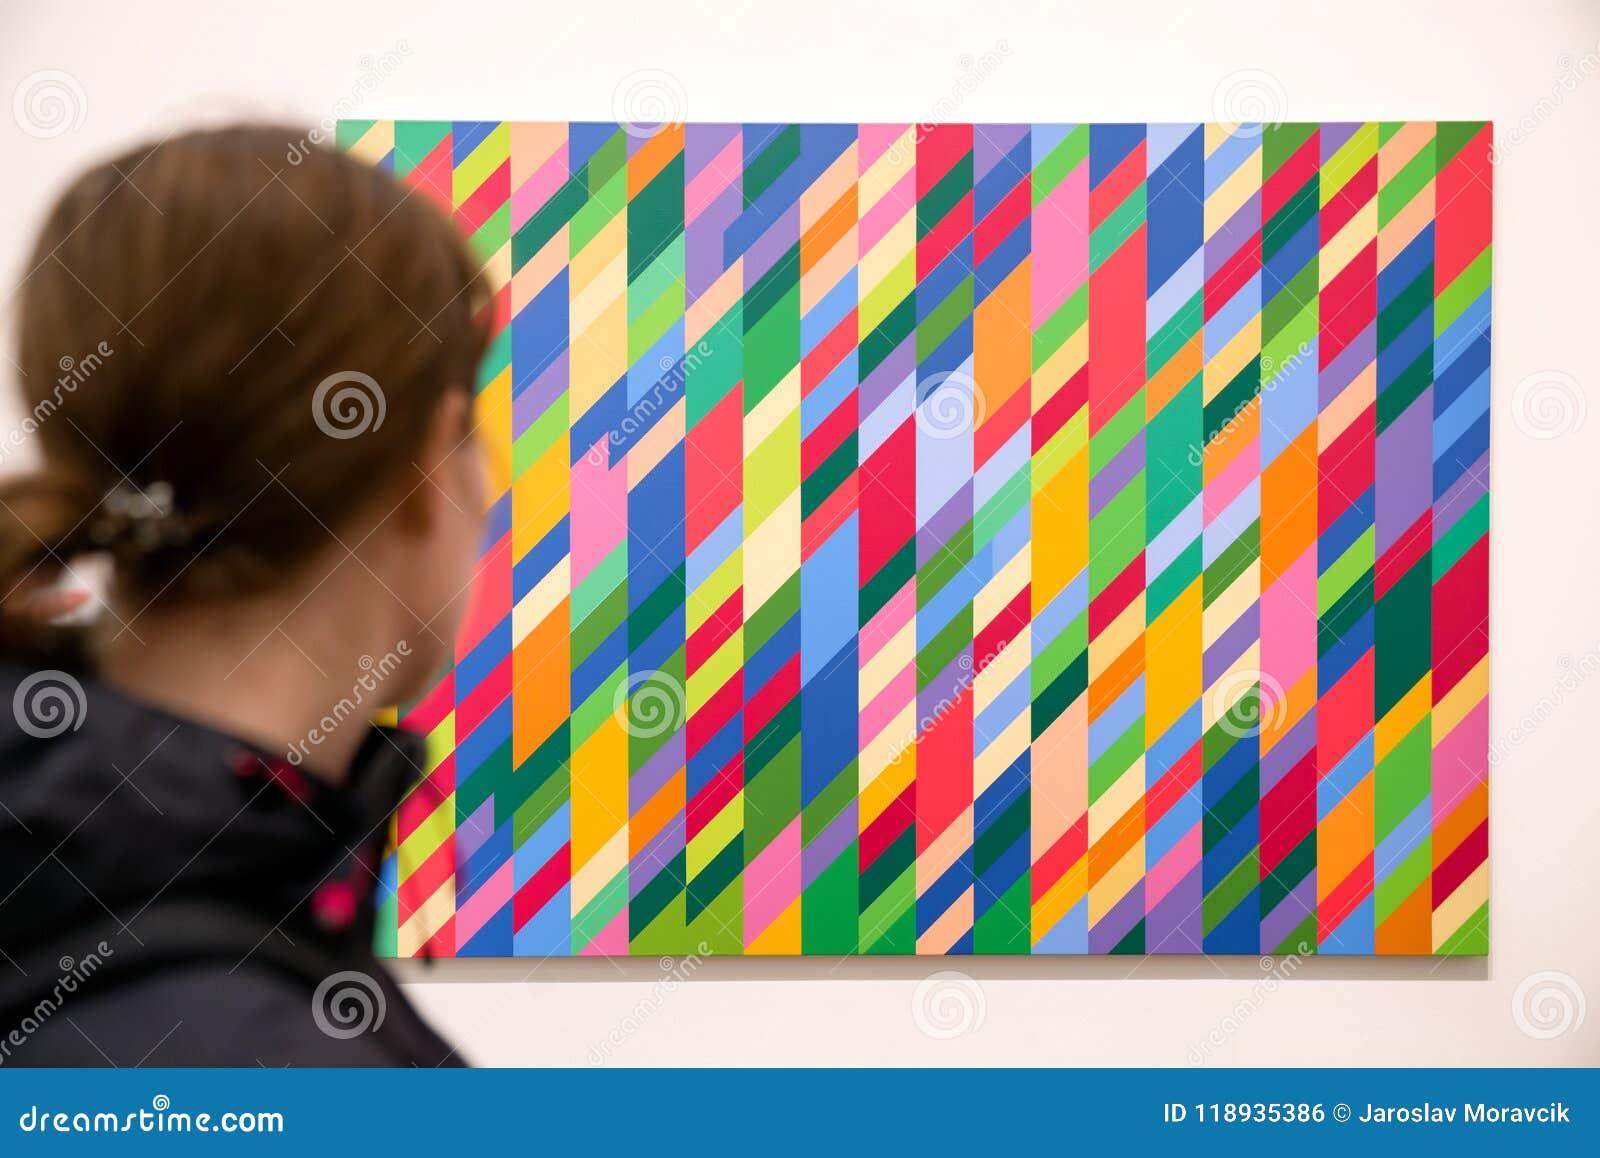 Abstrakte Kunst Bei Tate Modern London Redaktionelles Foto Bild Von Modern Inside 118935386